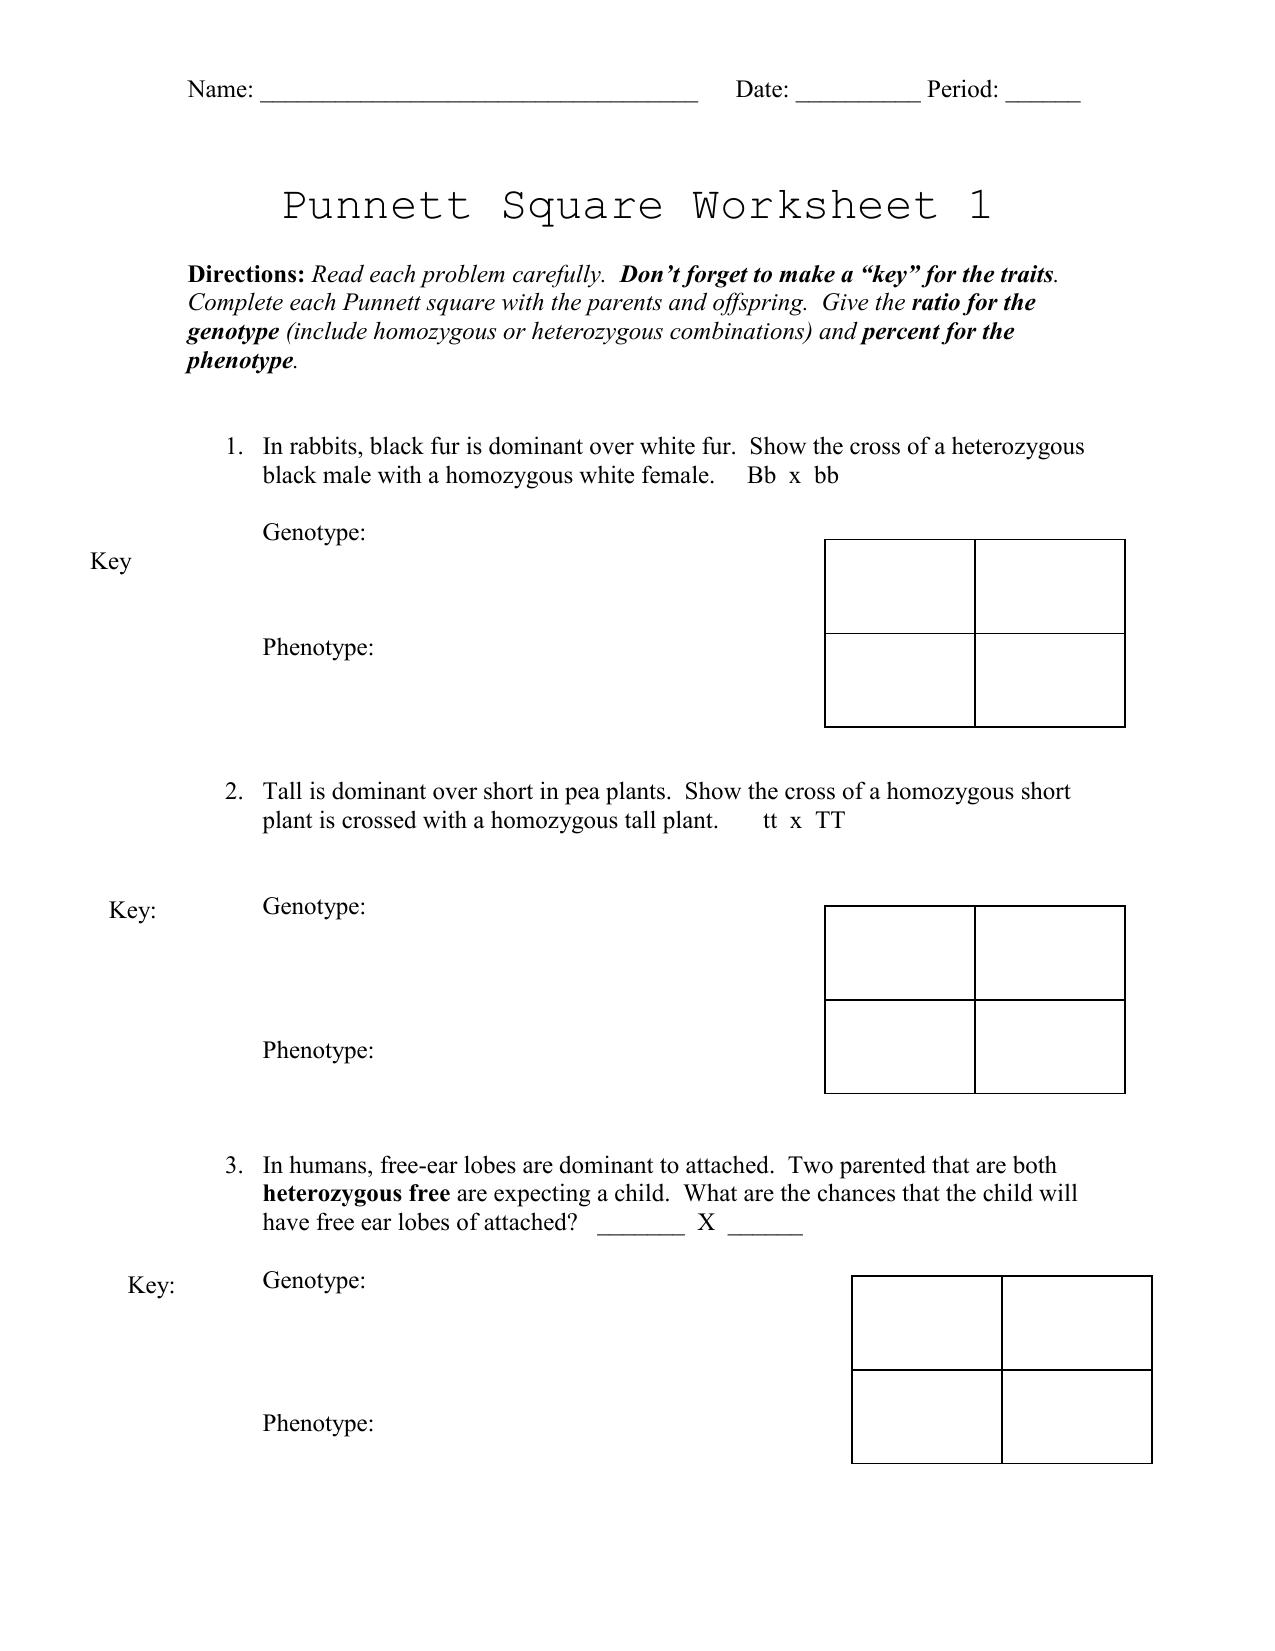 Punnett Square Worksheet 1 Answers